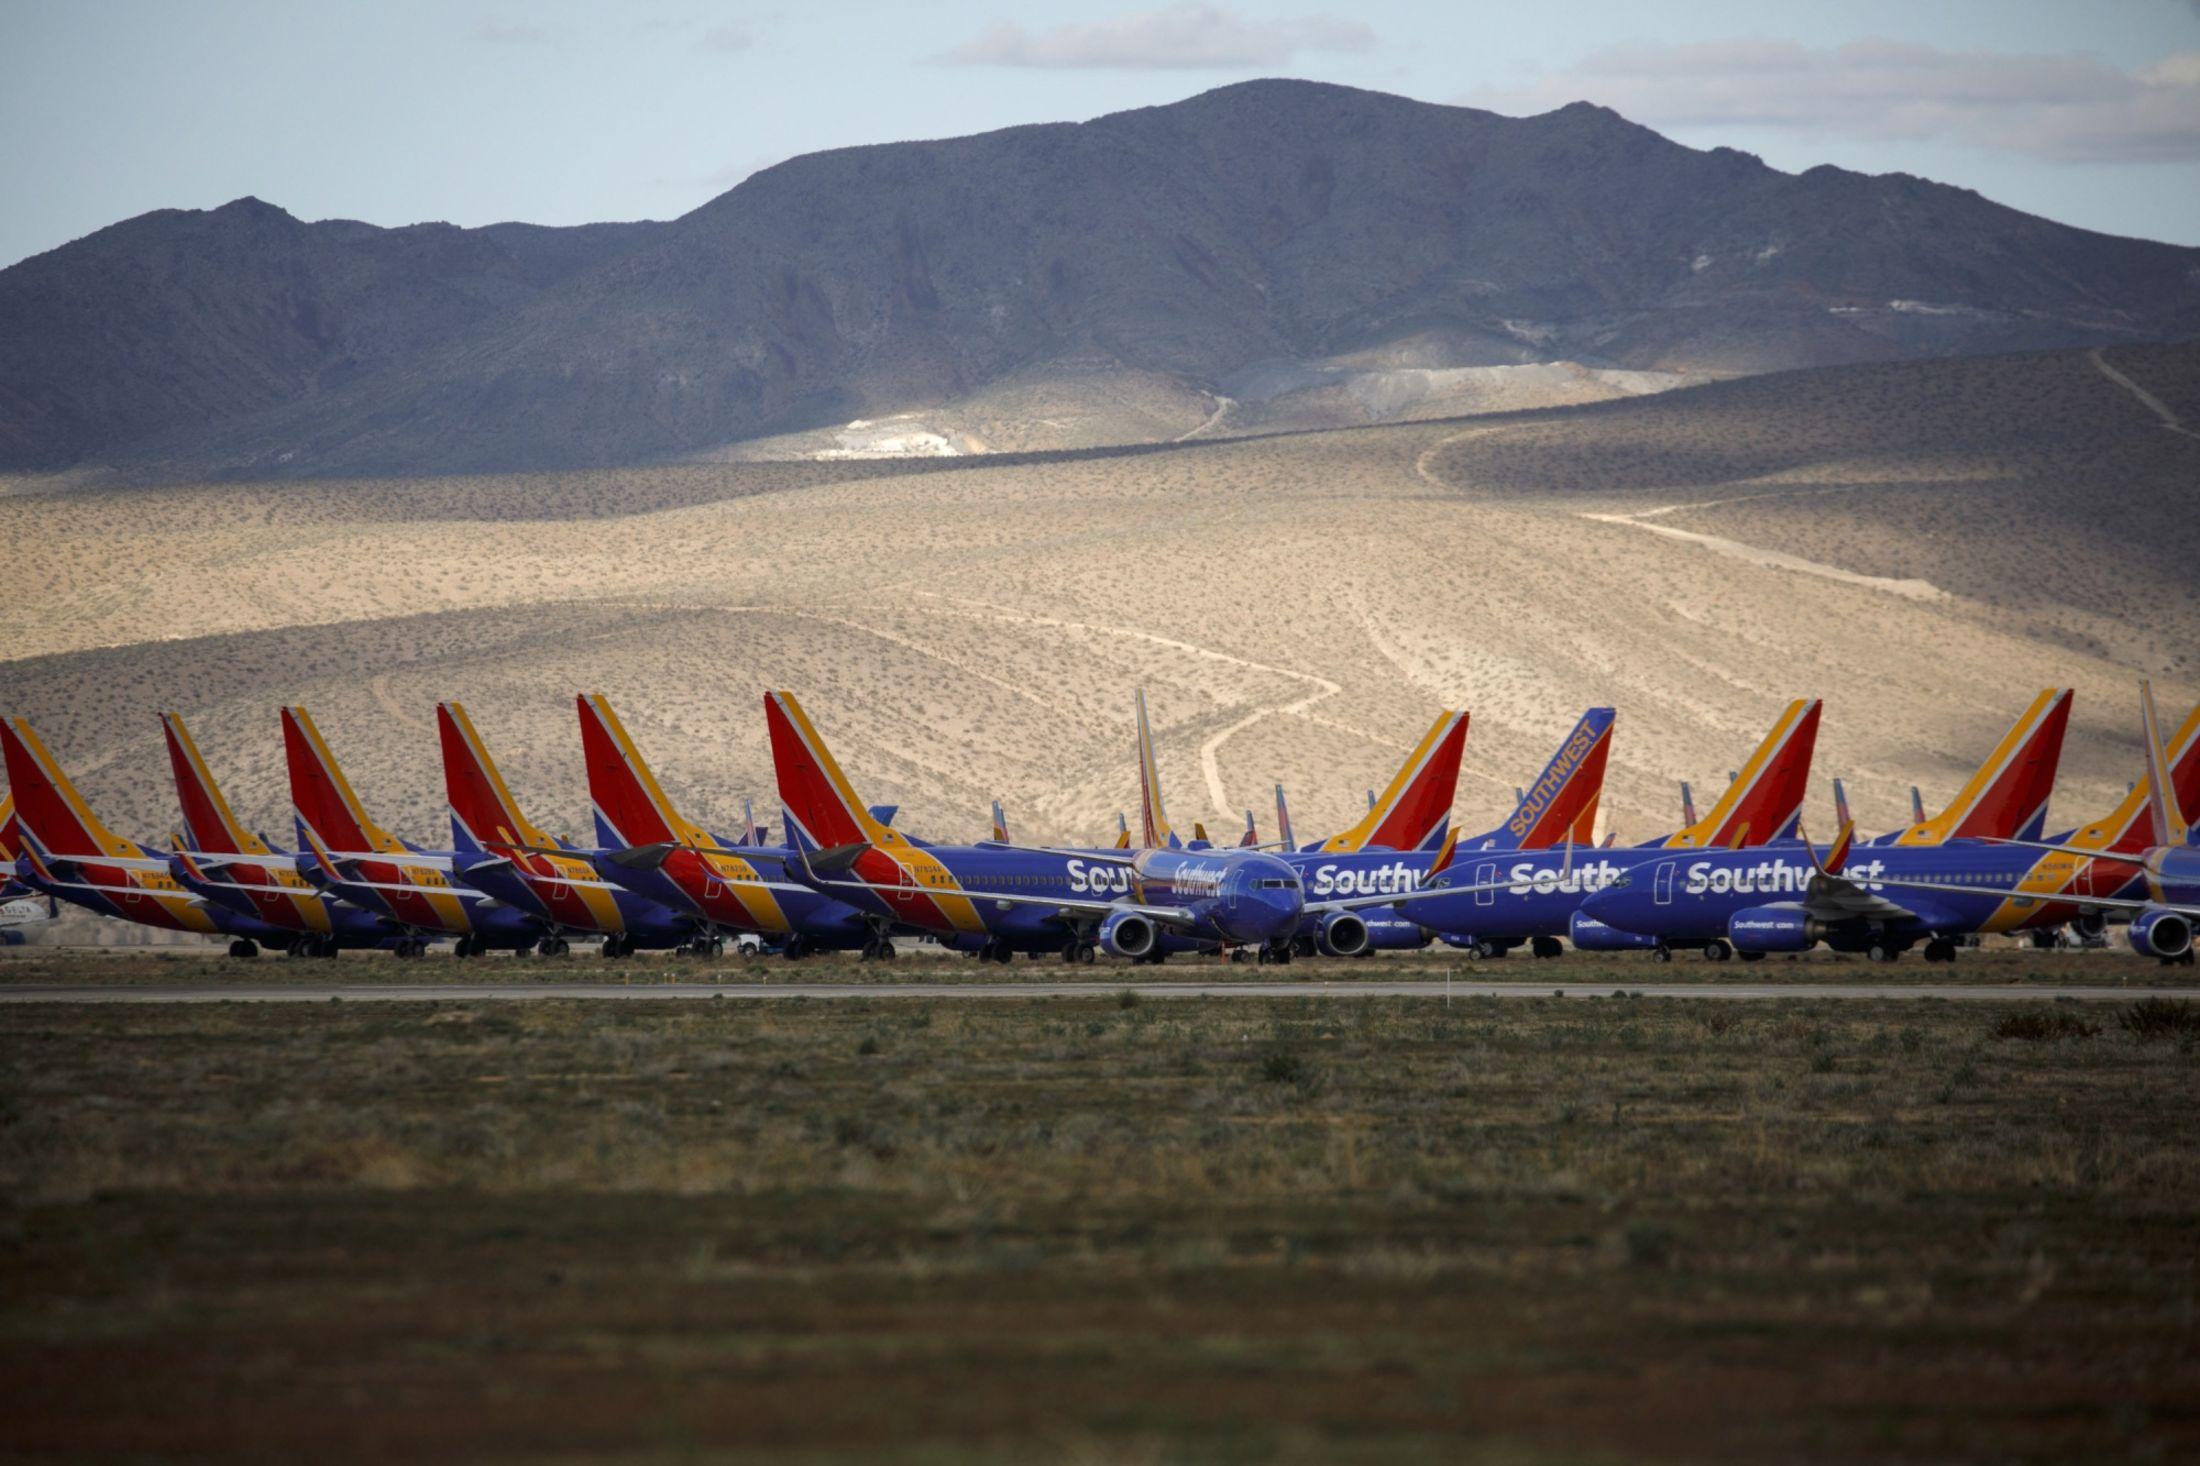 Các hãng hàng không đang bận rộn việc gì khi hơn 2/3 đội bay đang đắp chiếu? - Ảnh 1.